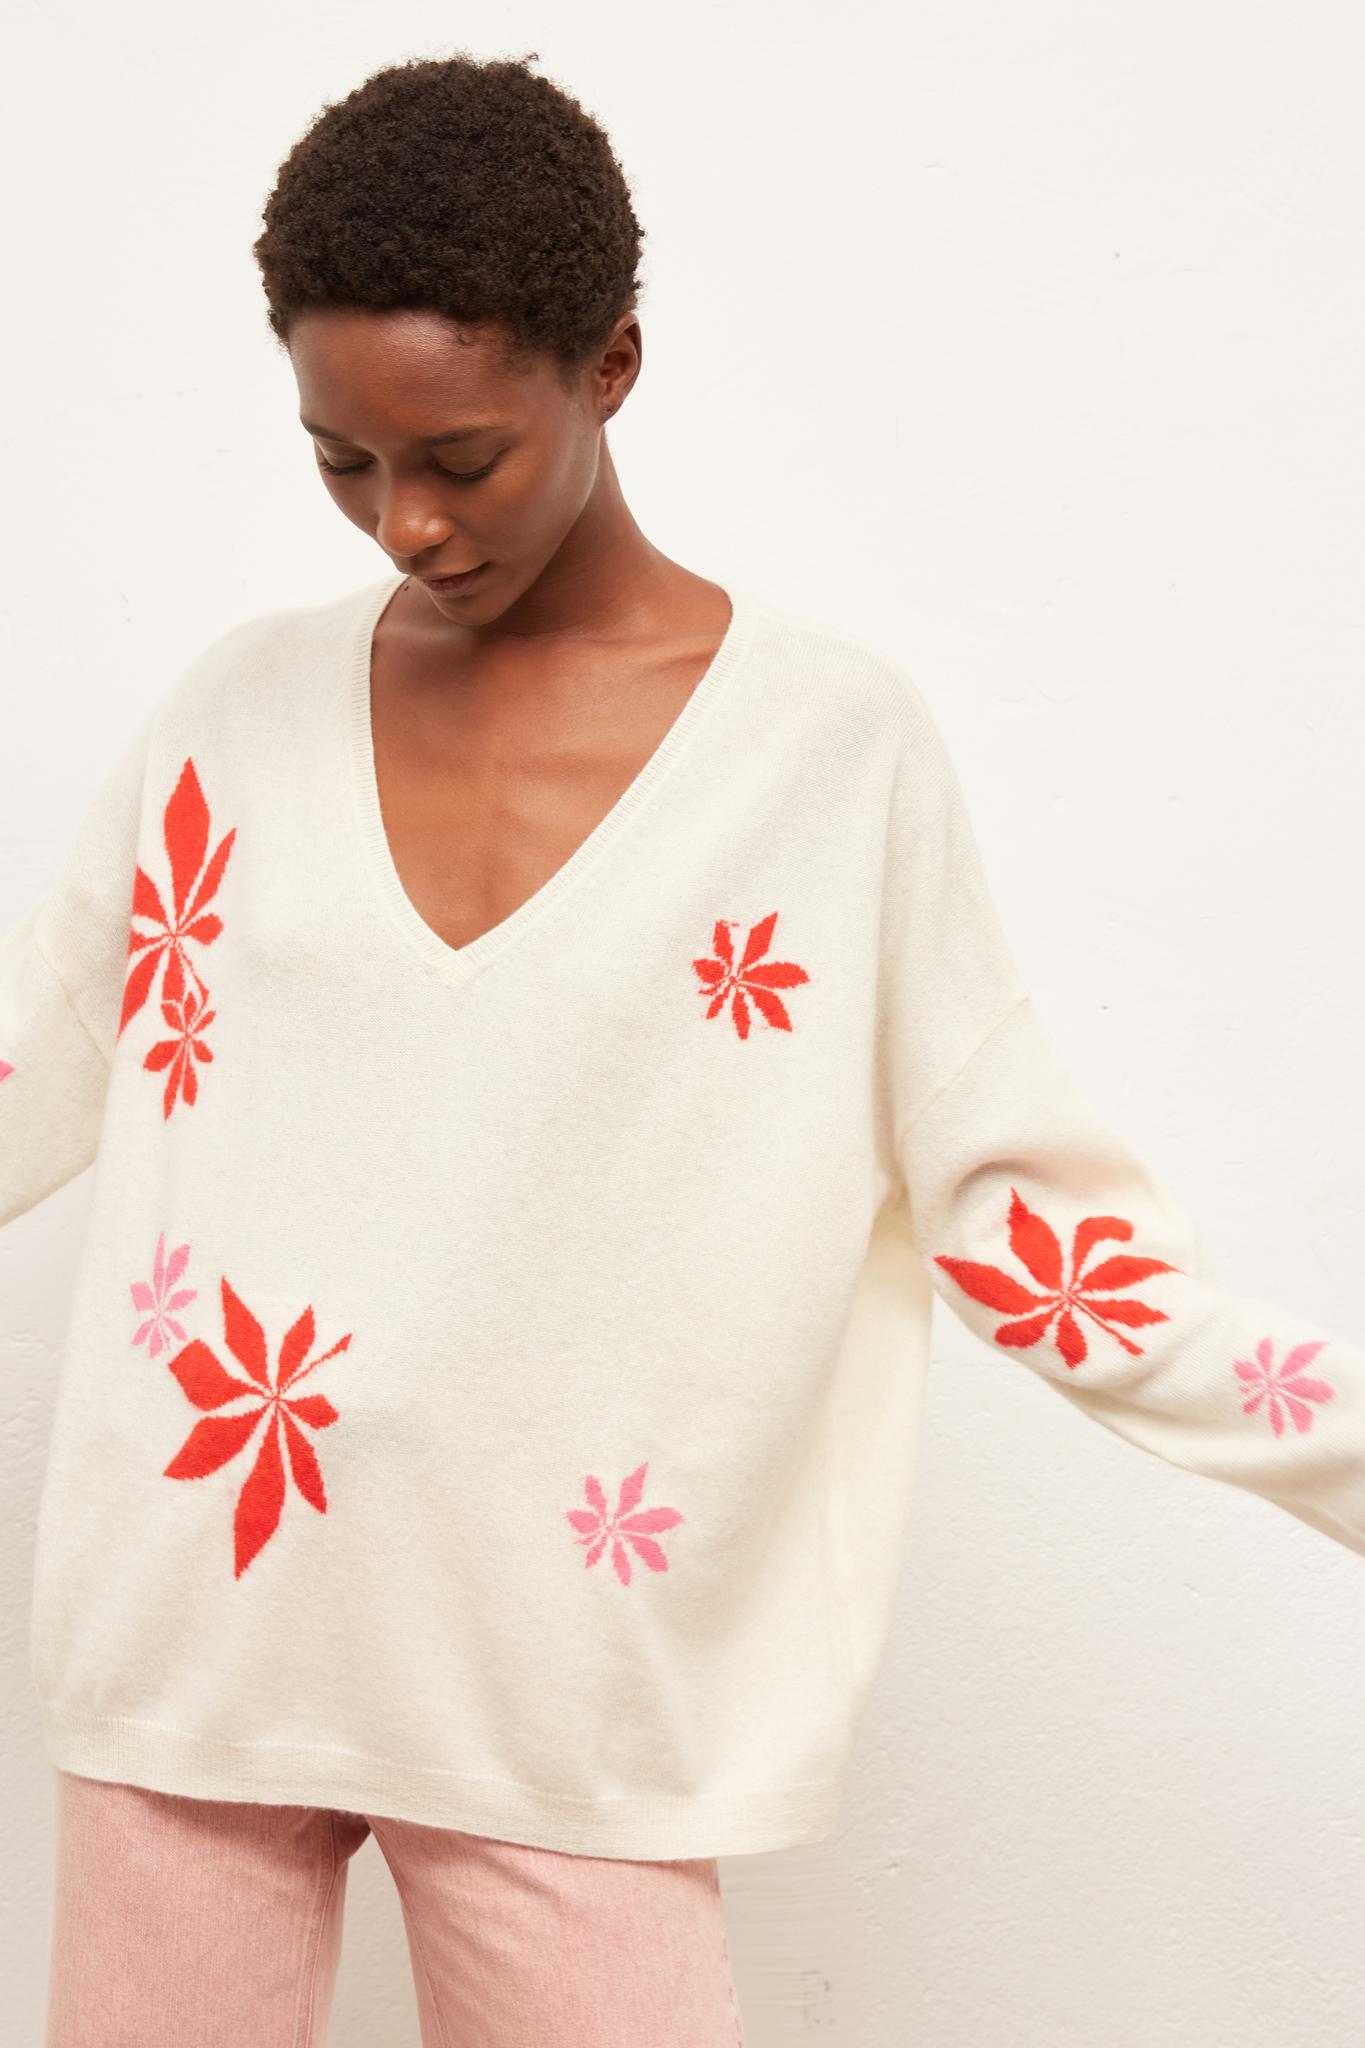 EDDY - кашемировый свитер с цветами